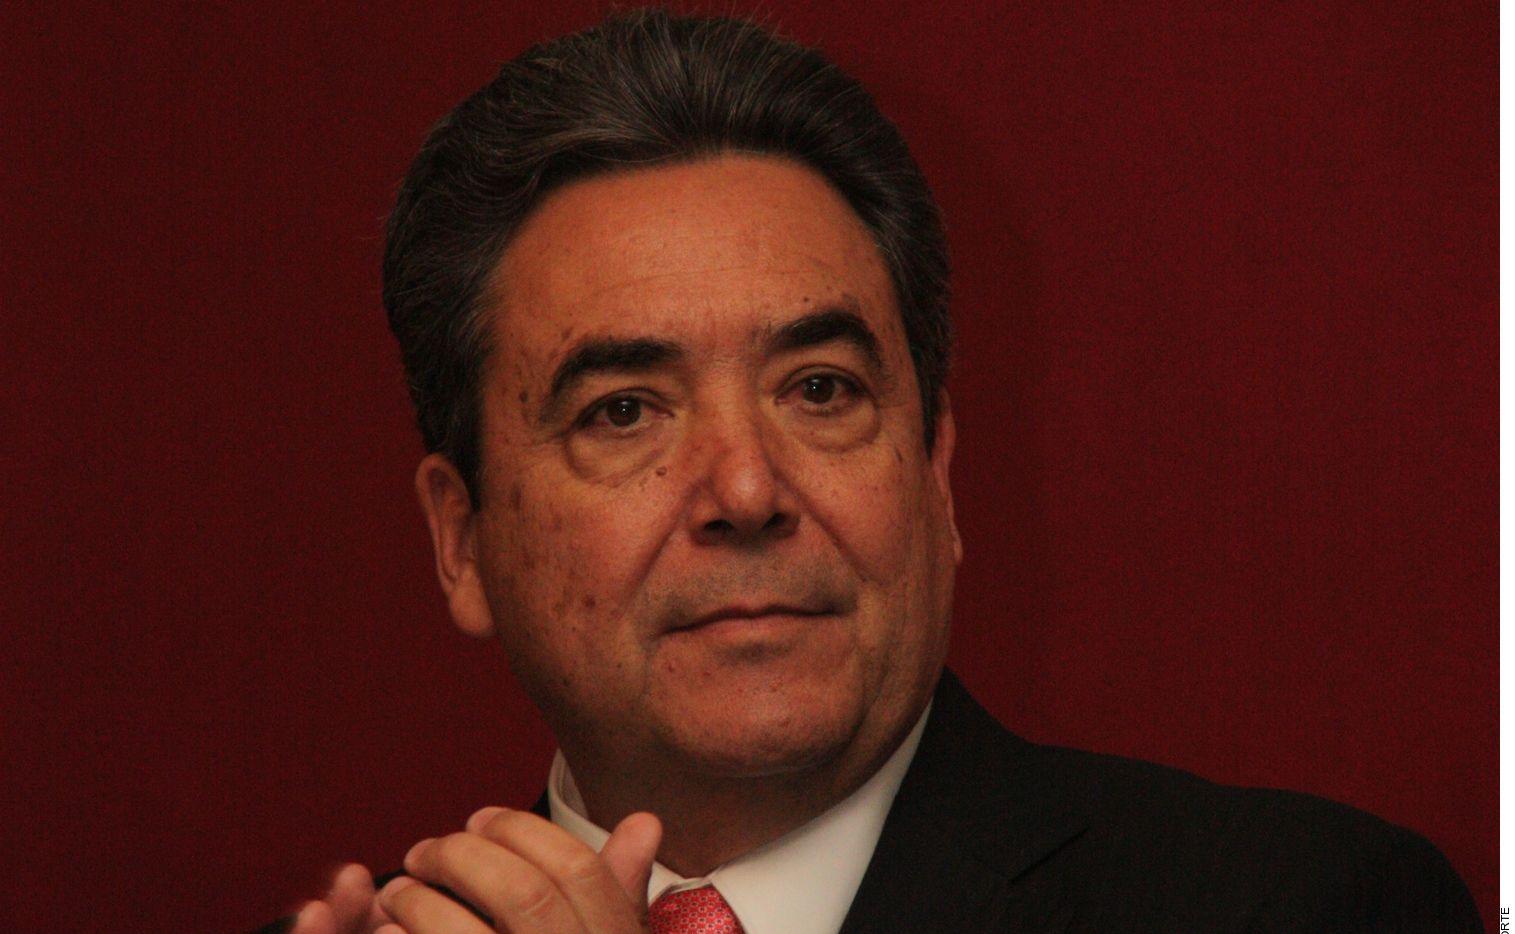 Jorge Torres López, gobernador interino de Coahuila en el periodo de Humberto Moreira, fue sentenciado en una corte federal del sur de Texas a tres años de prisión por el delito de lavado de dinero.